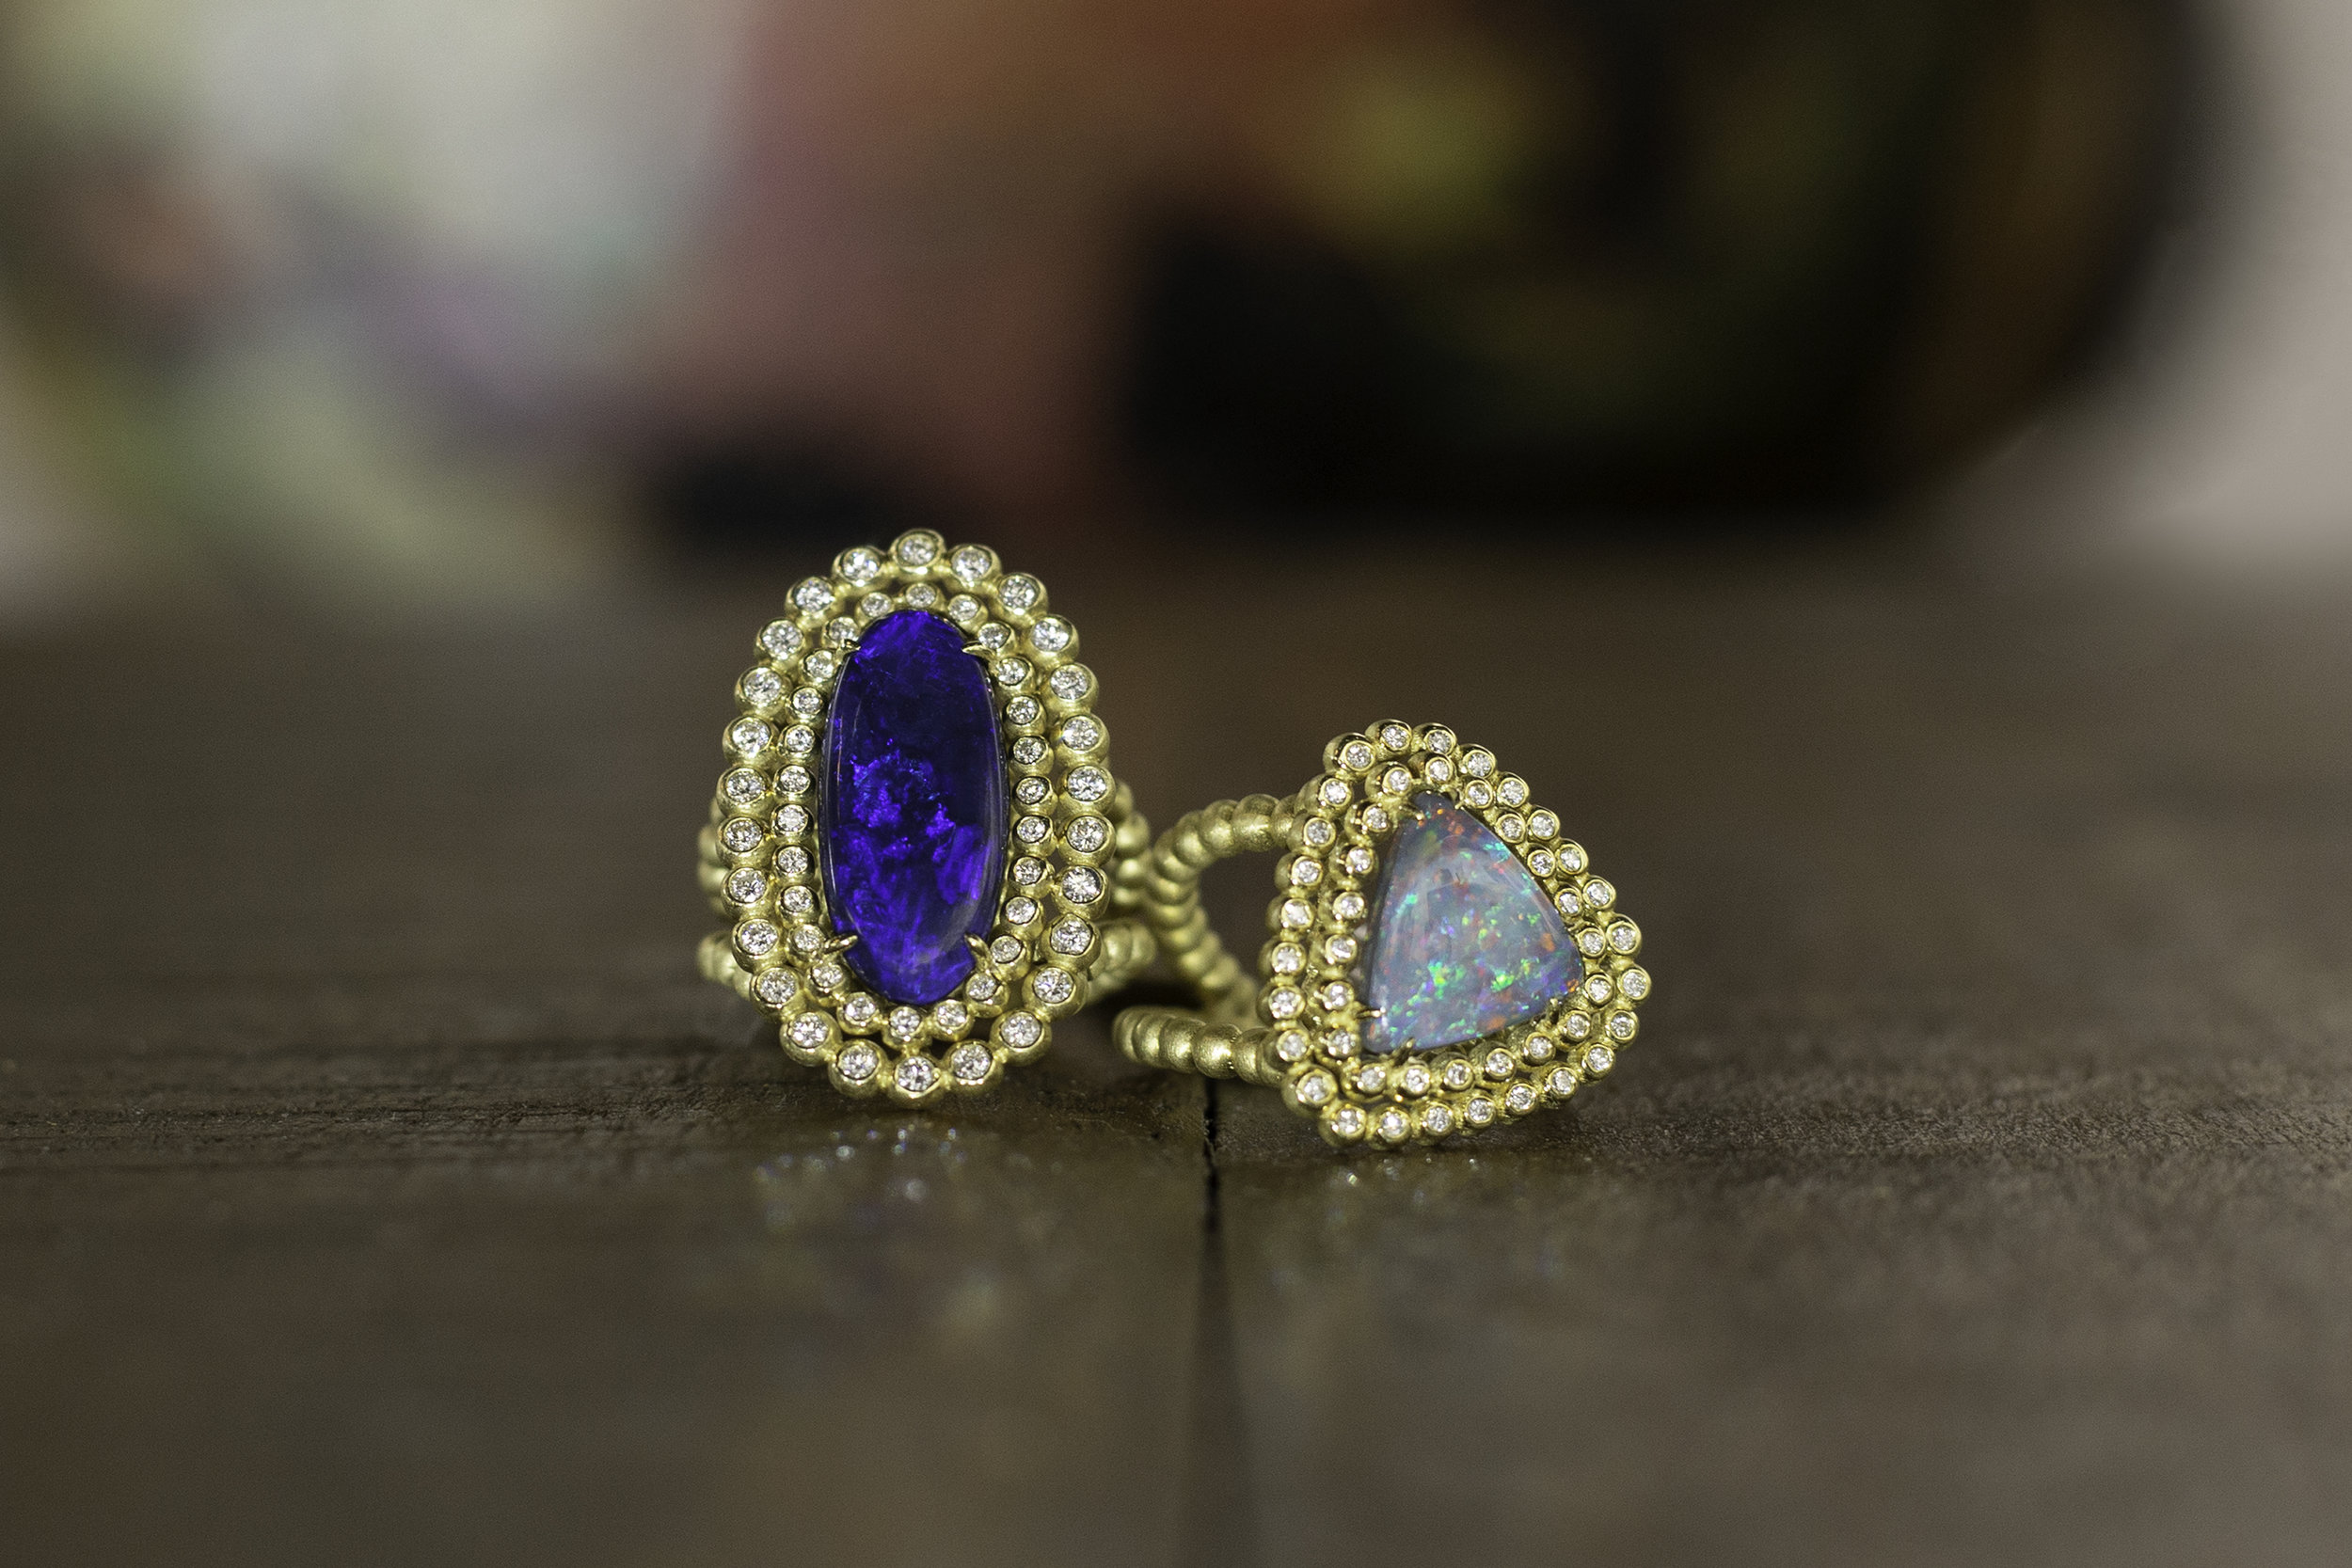 Suzy Landa Fine Jewelry Opal Rings.jpg